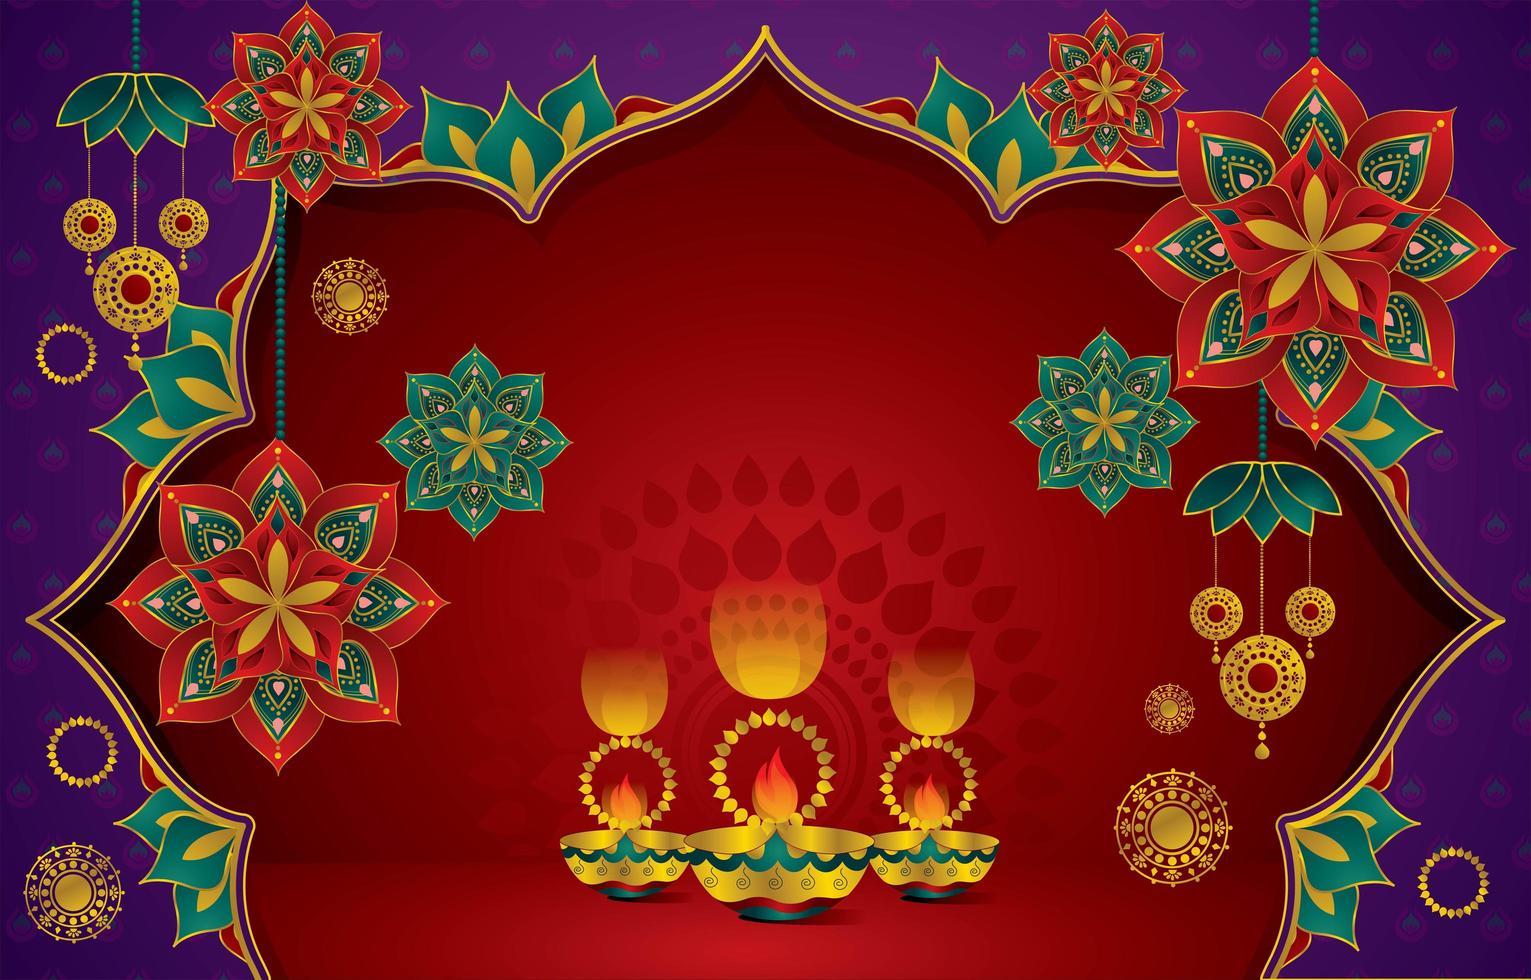 plano de fundo para a celebração do festival de diwali na Índia vetor